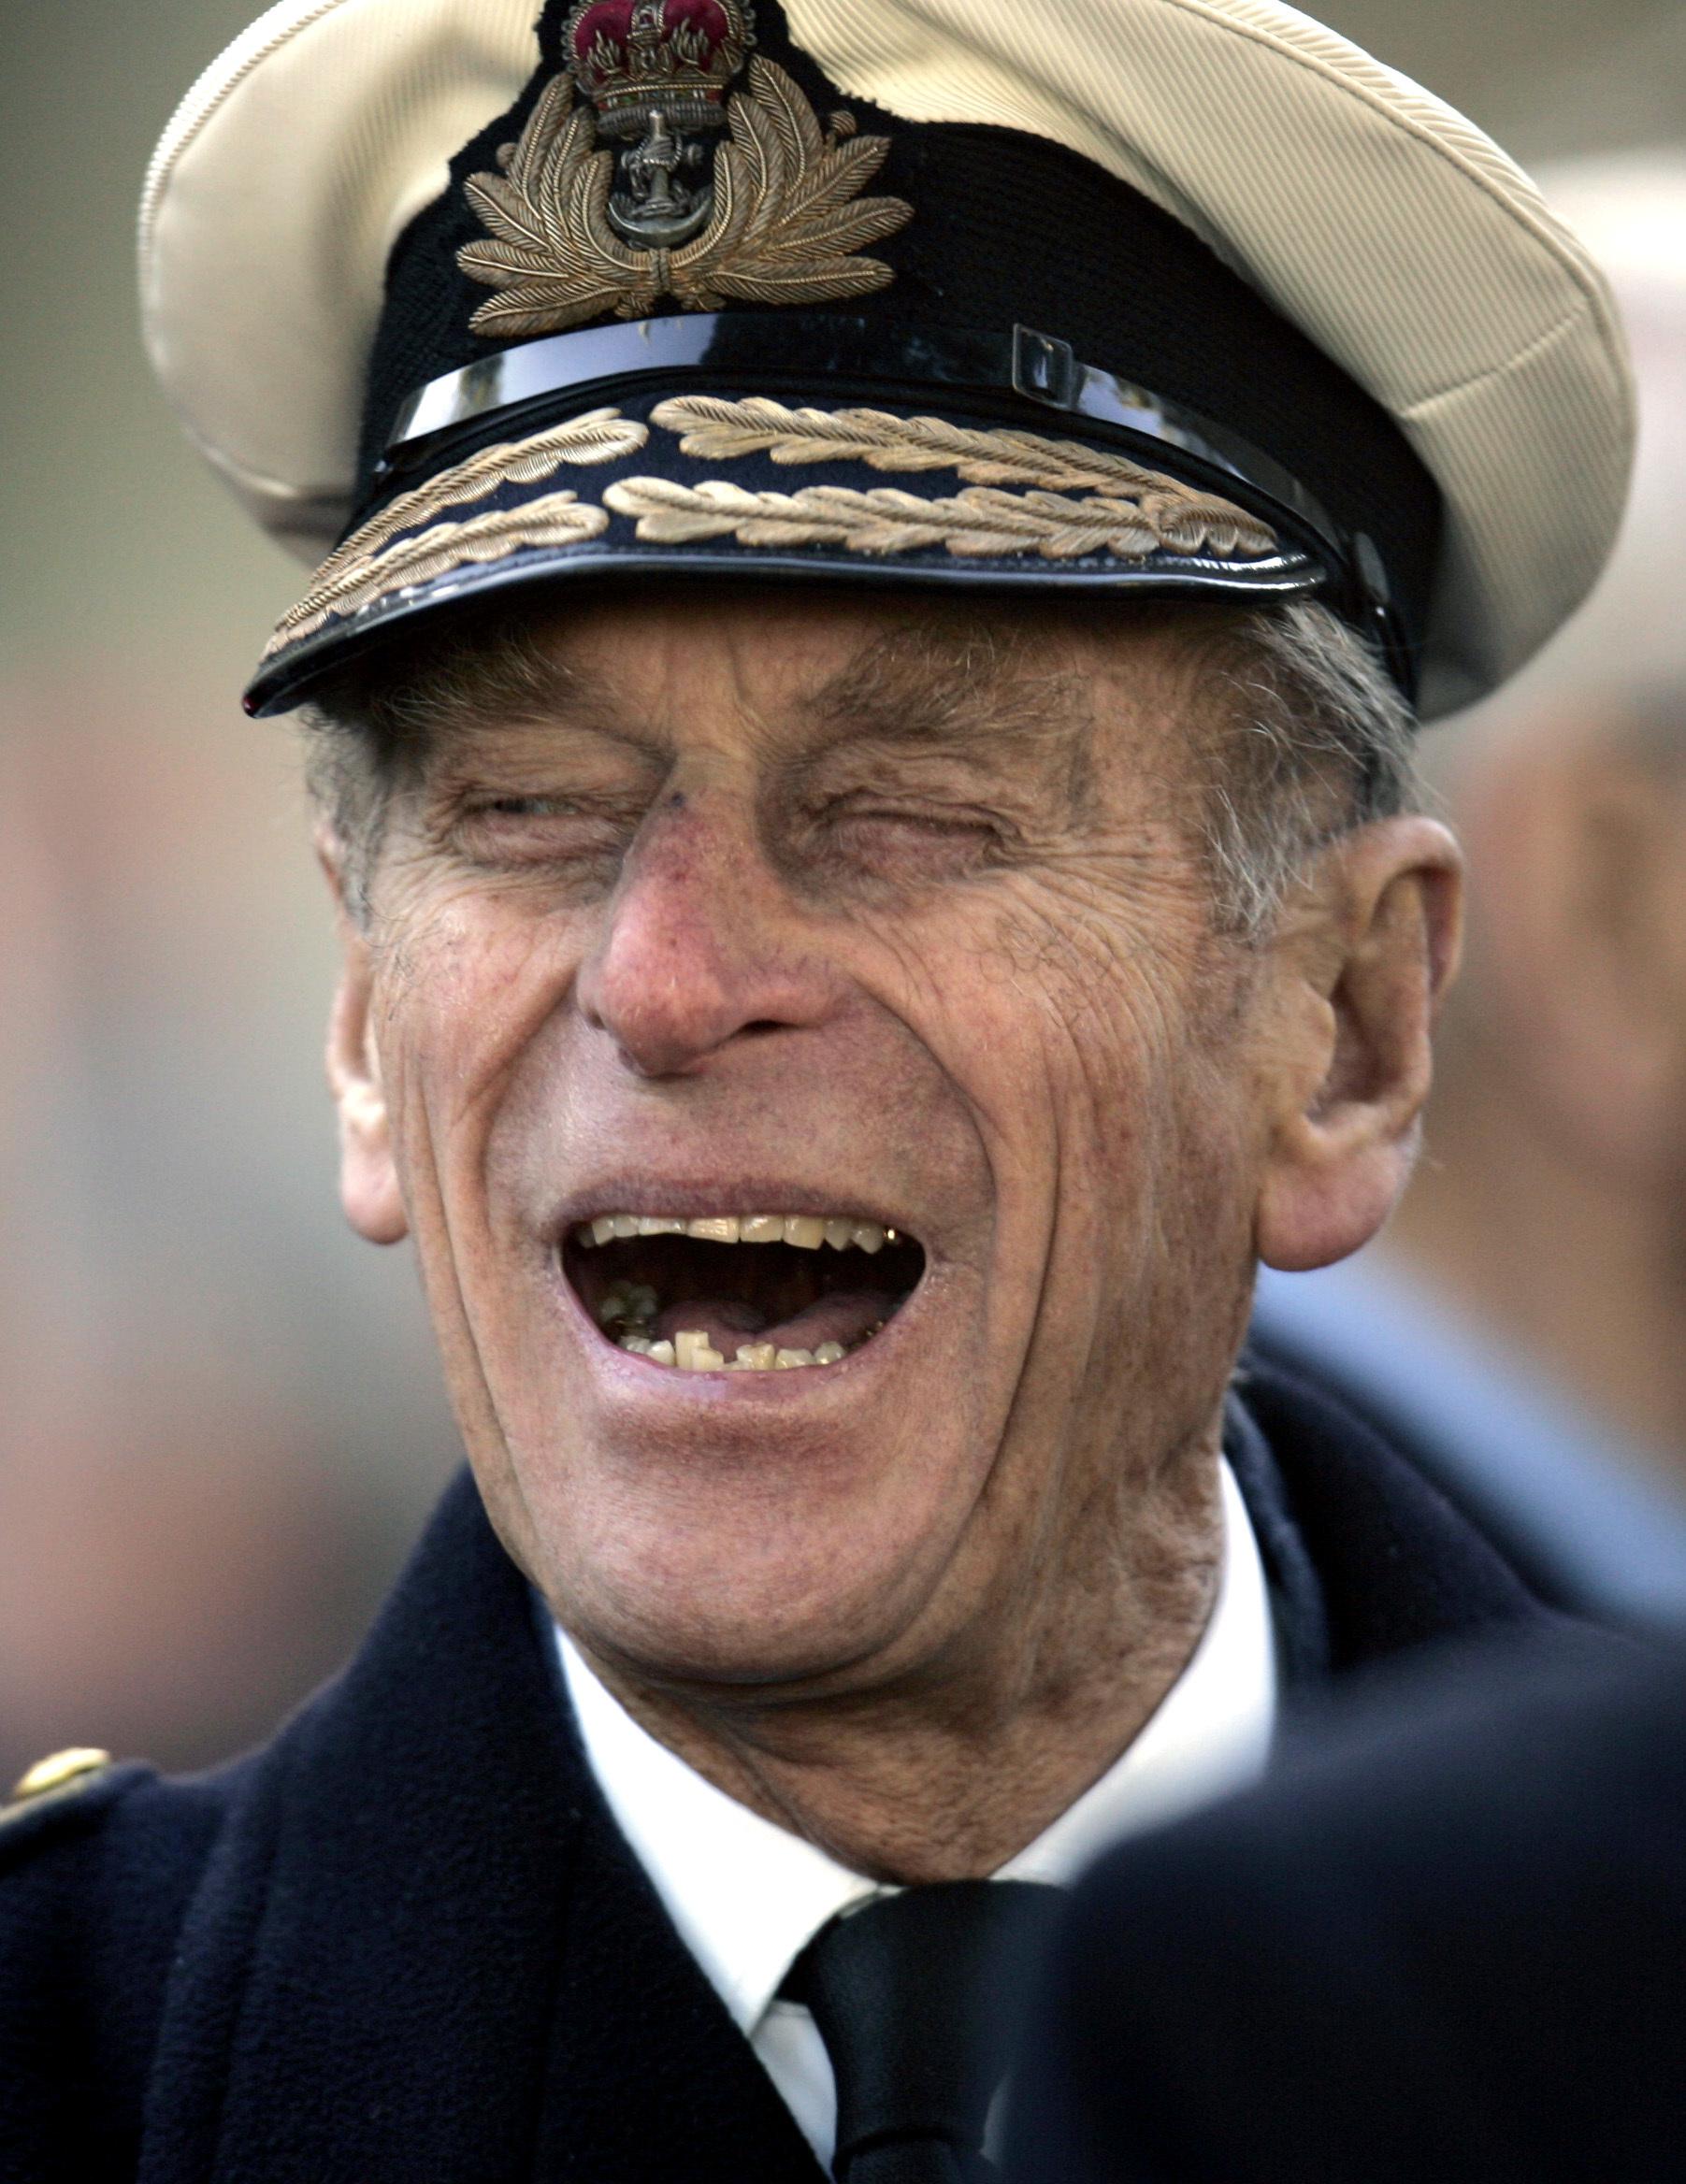 El príncipe Philip de Grecia y Dinamarca nació el 10 de junio de 1921, en medio de una agitación que llevó a un golpe militar que derrocó a su tío, el rey Constantino de Grecia, unos meses después. (AP)